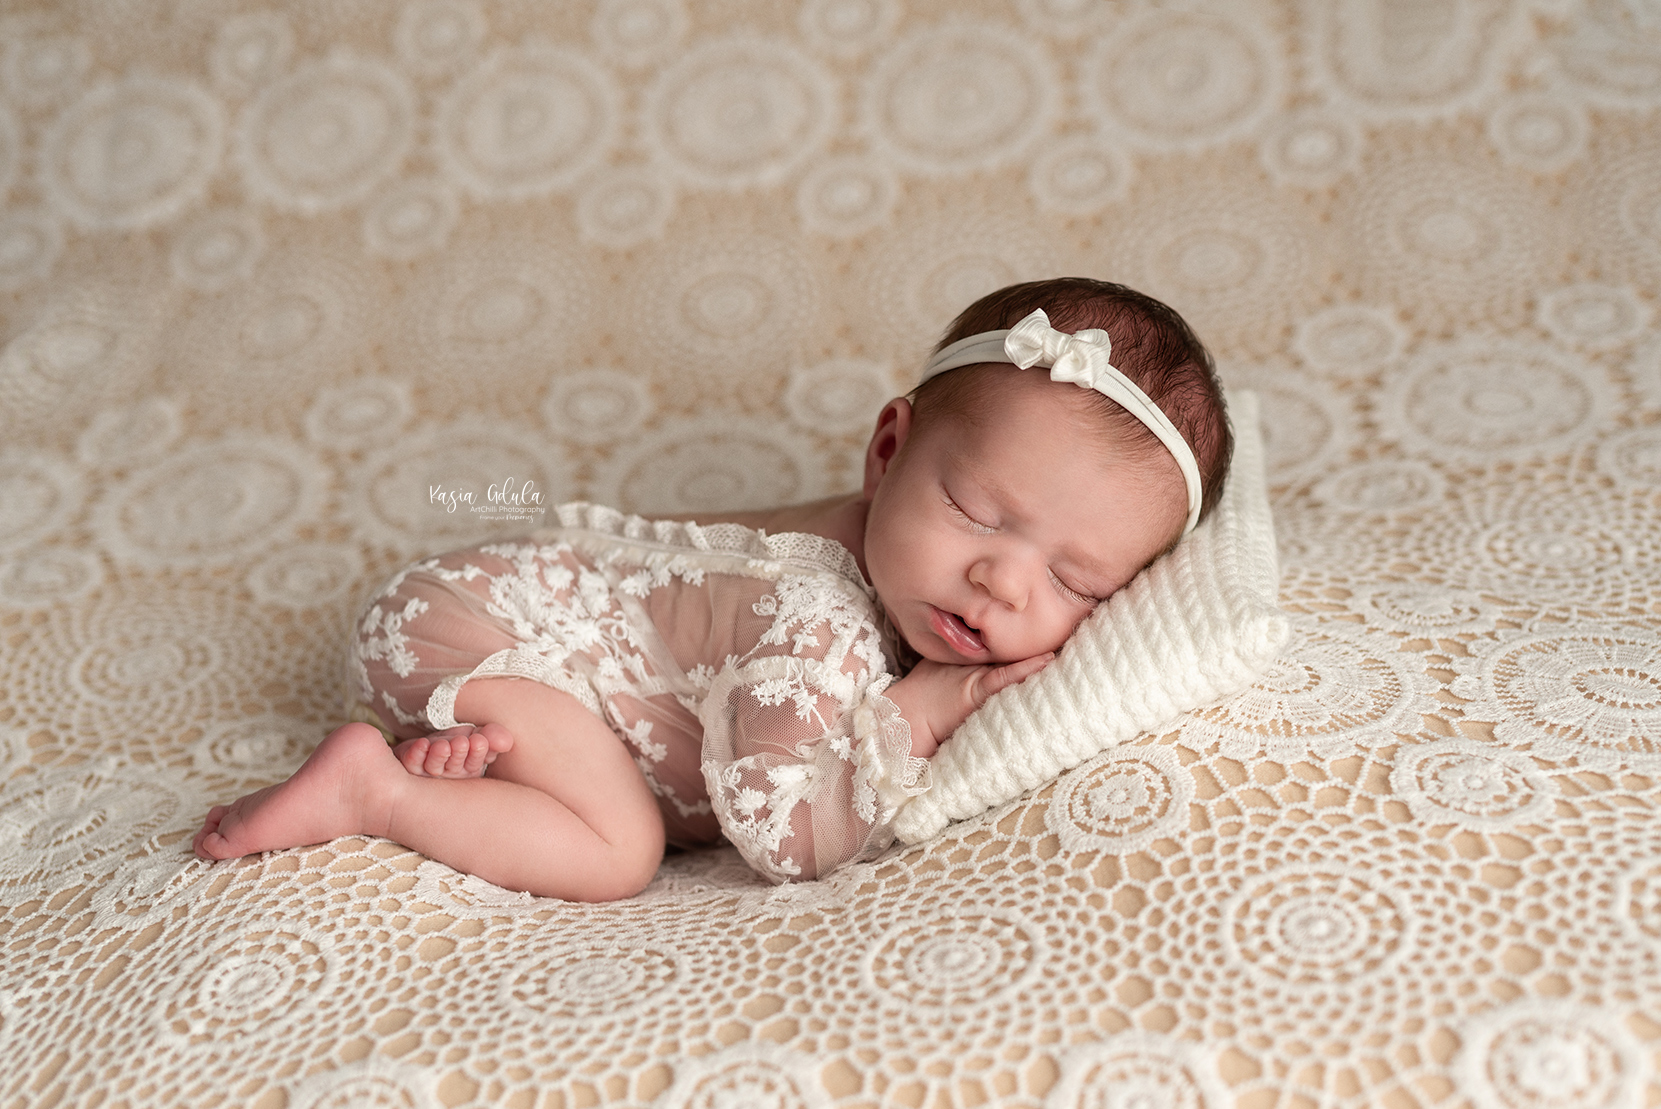 newborn baby photo shoot UK North Yorkshire Scarborough